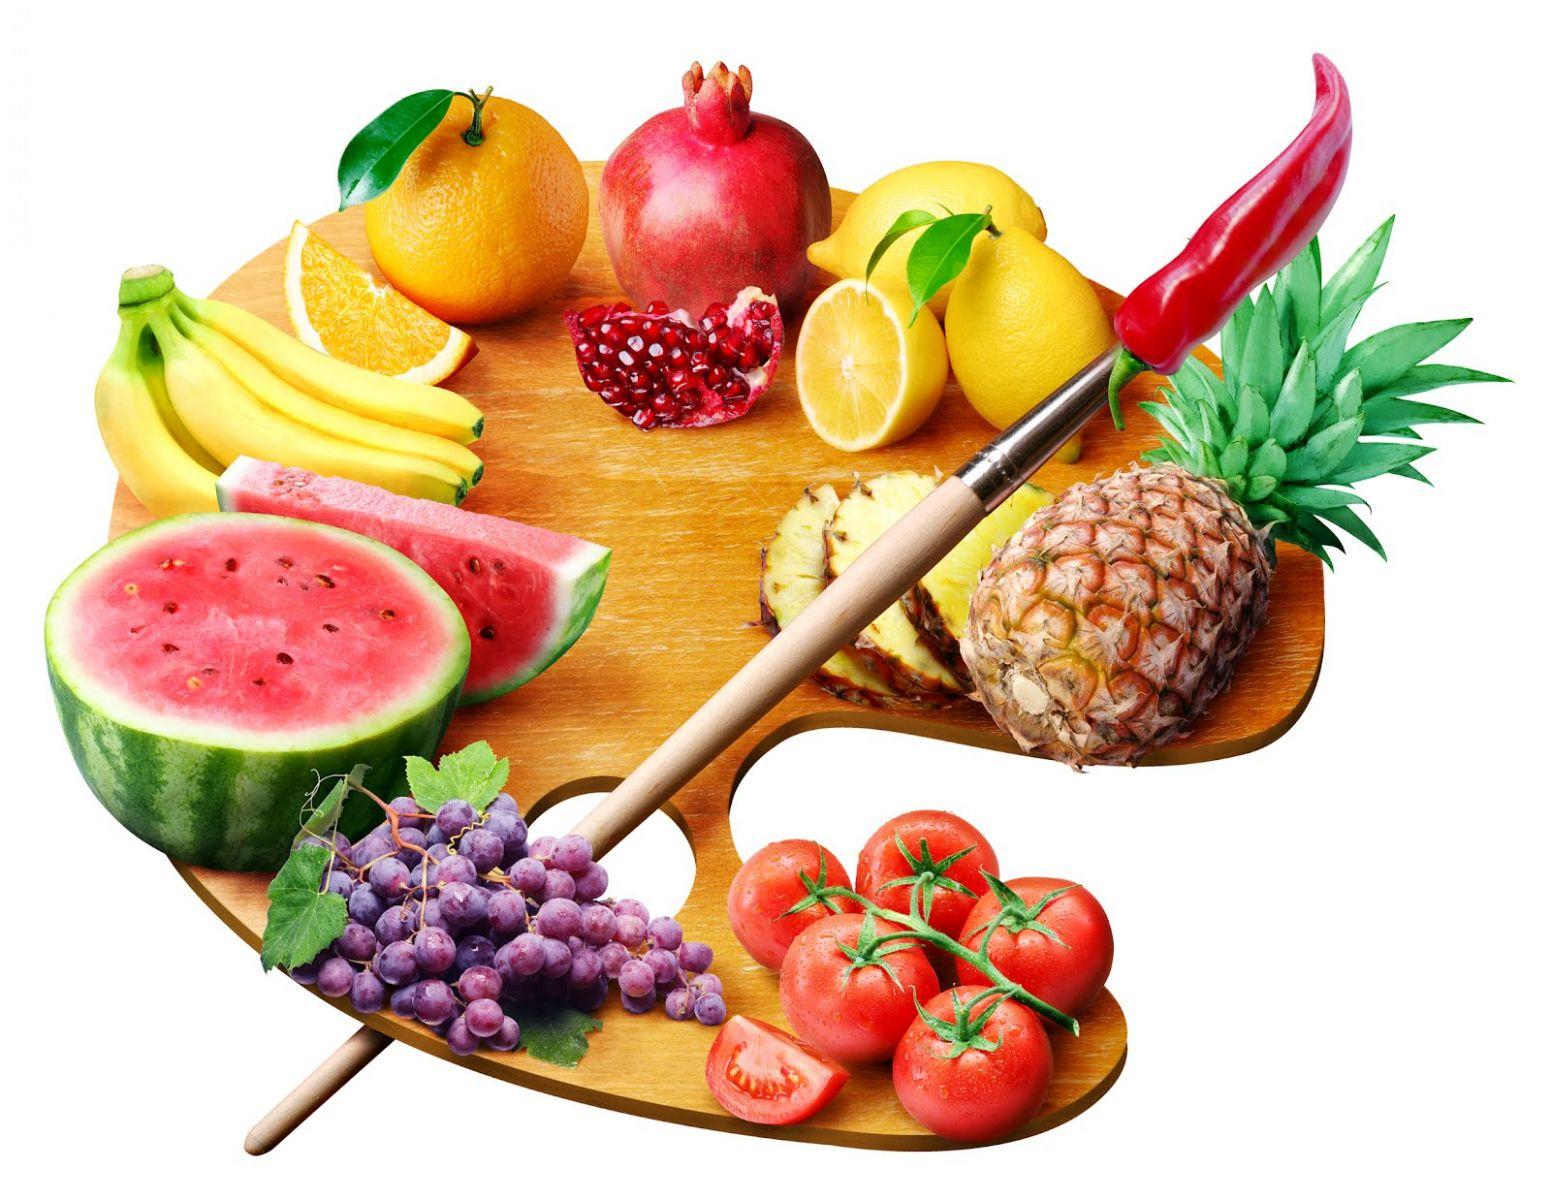 Nutrirte full concentrate - Que alimentos son antioxidantes naturales ...